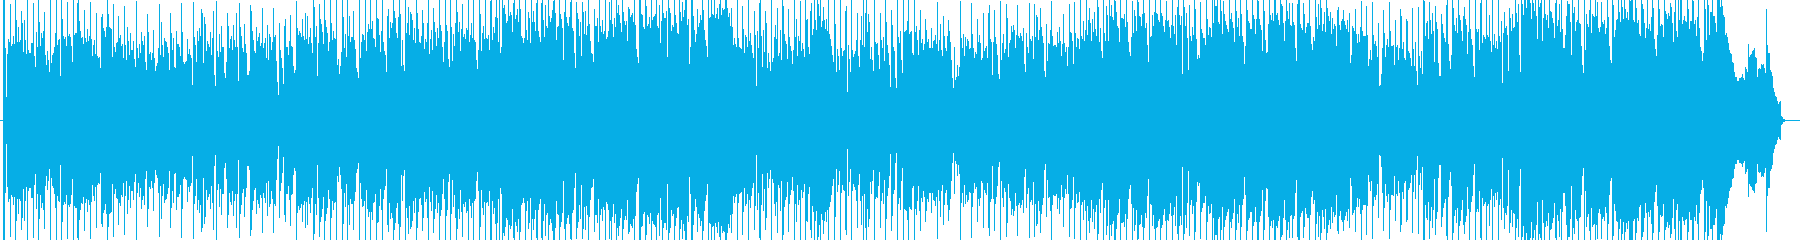 楽しさと楽しいアパラチアブルーグラ...の再生済みの波形